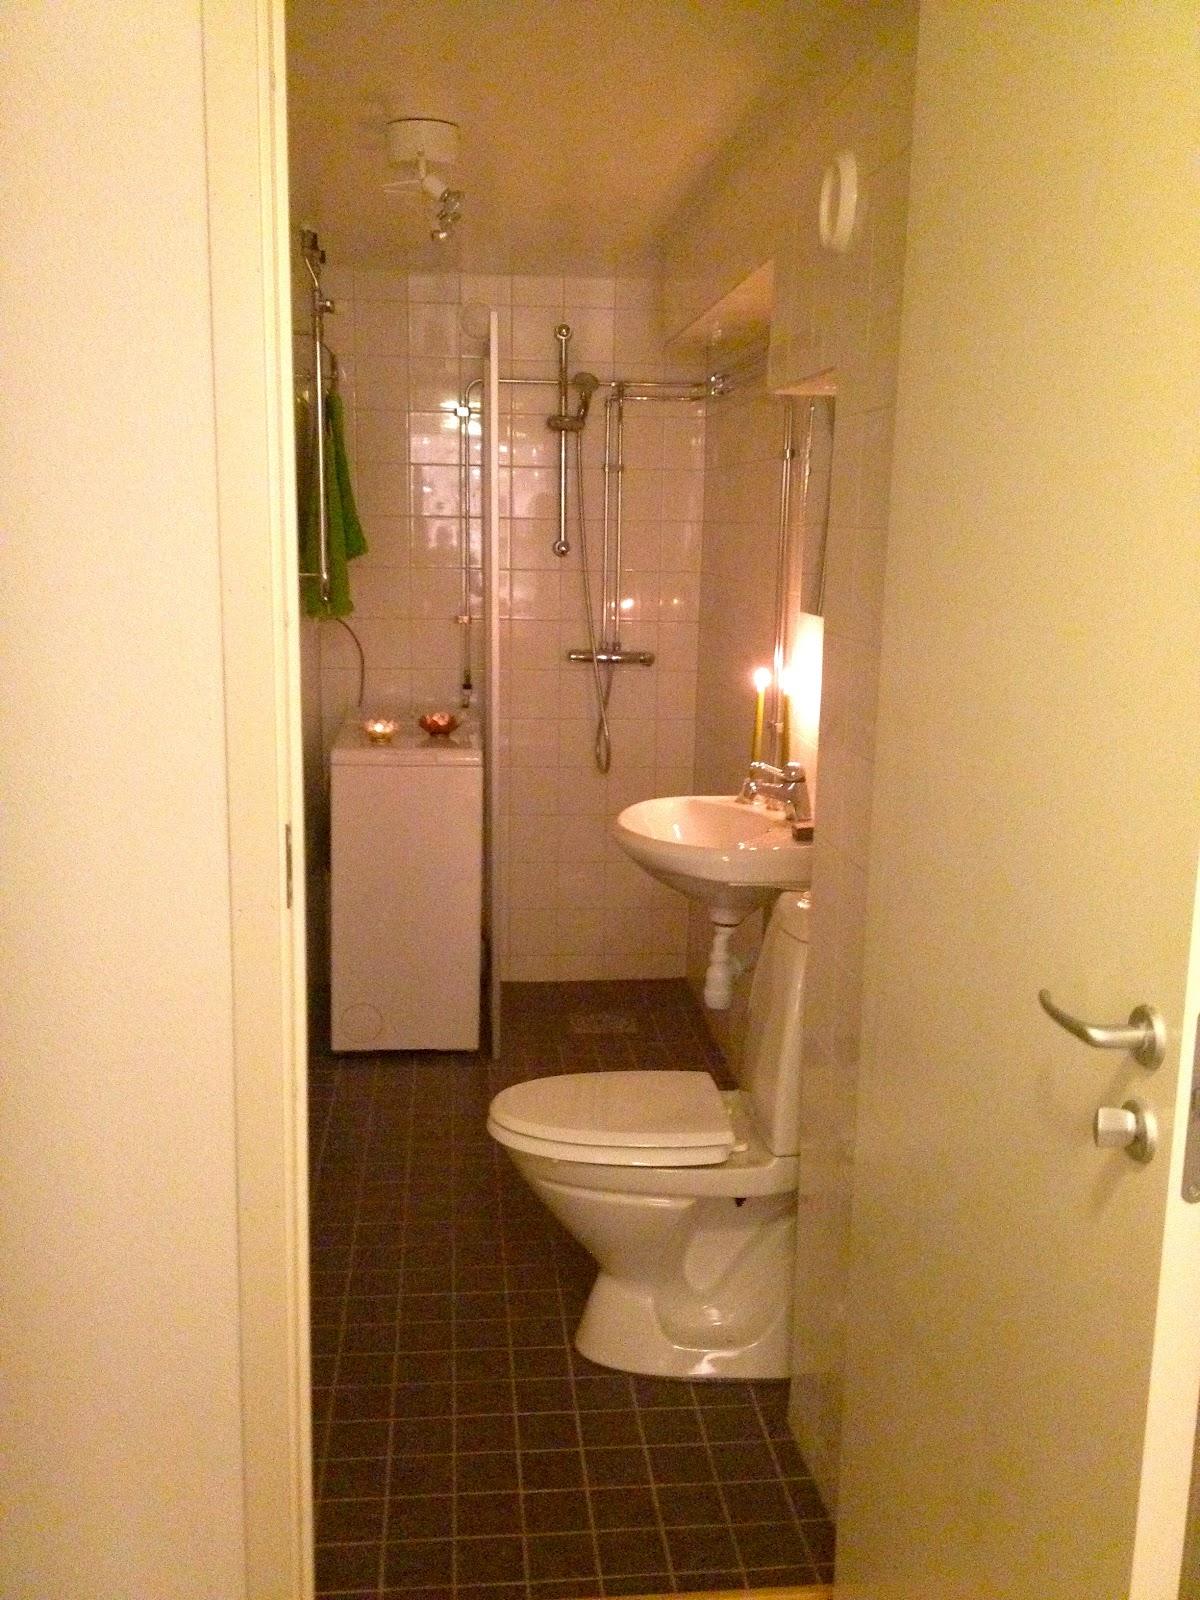 Hus Inspiration Inredning: uthyrningsrum/renovering av källaren